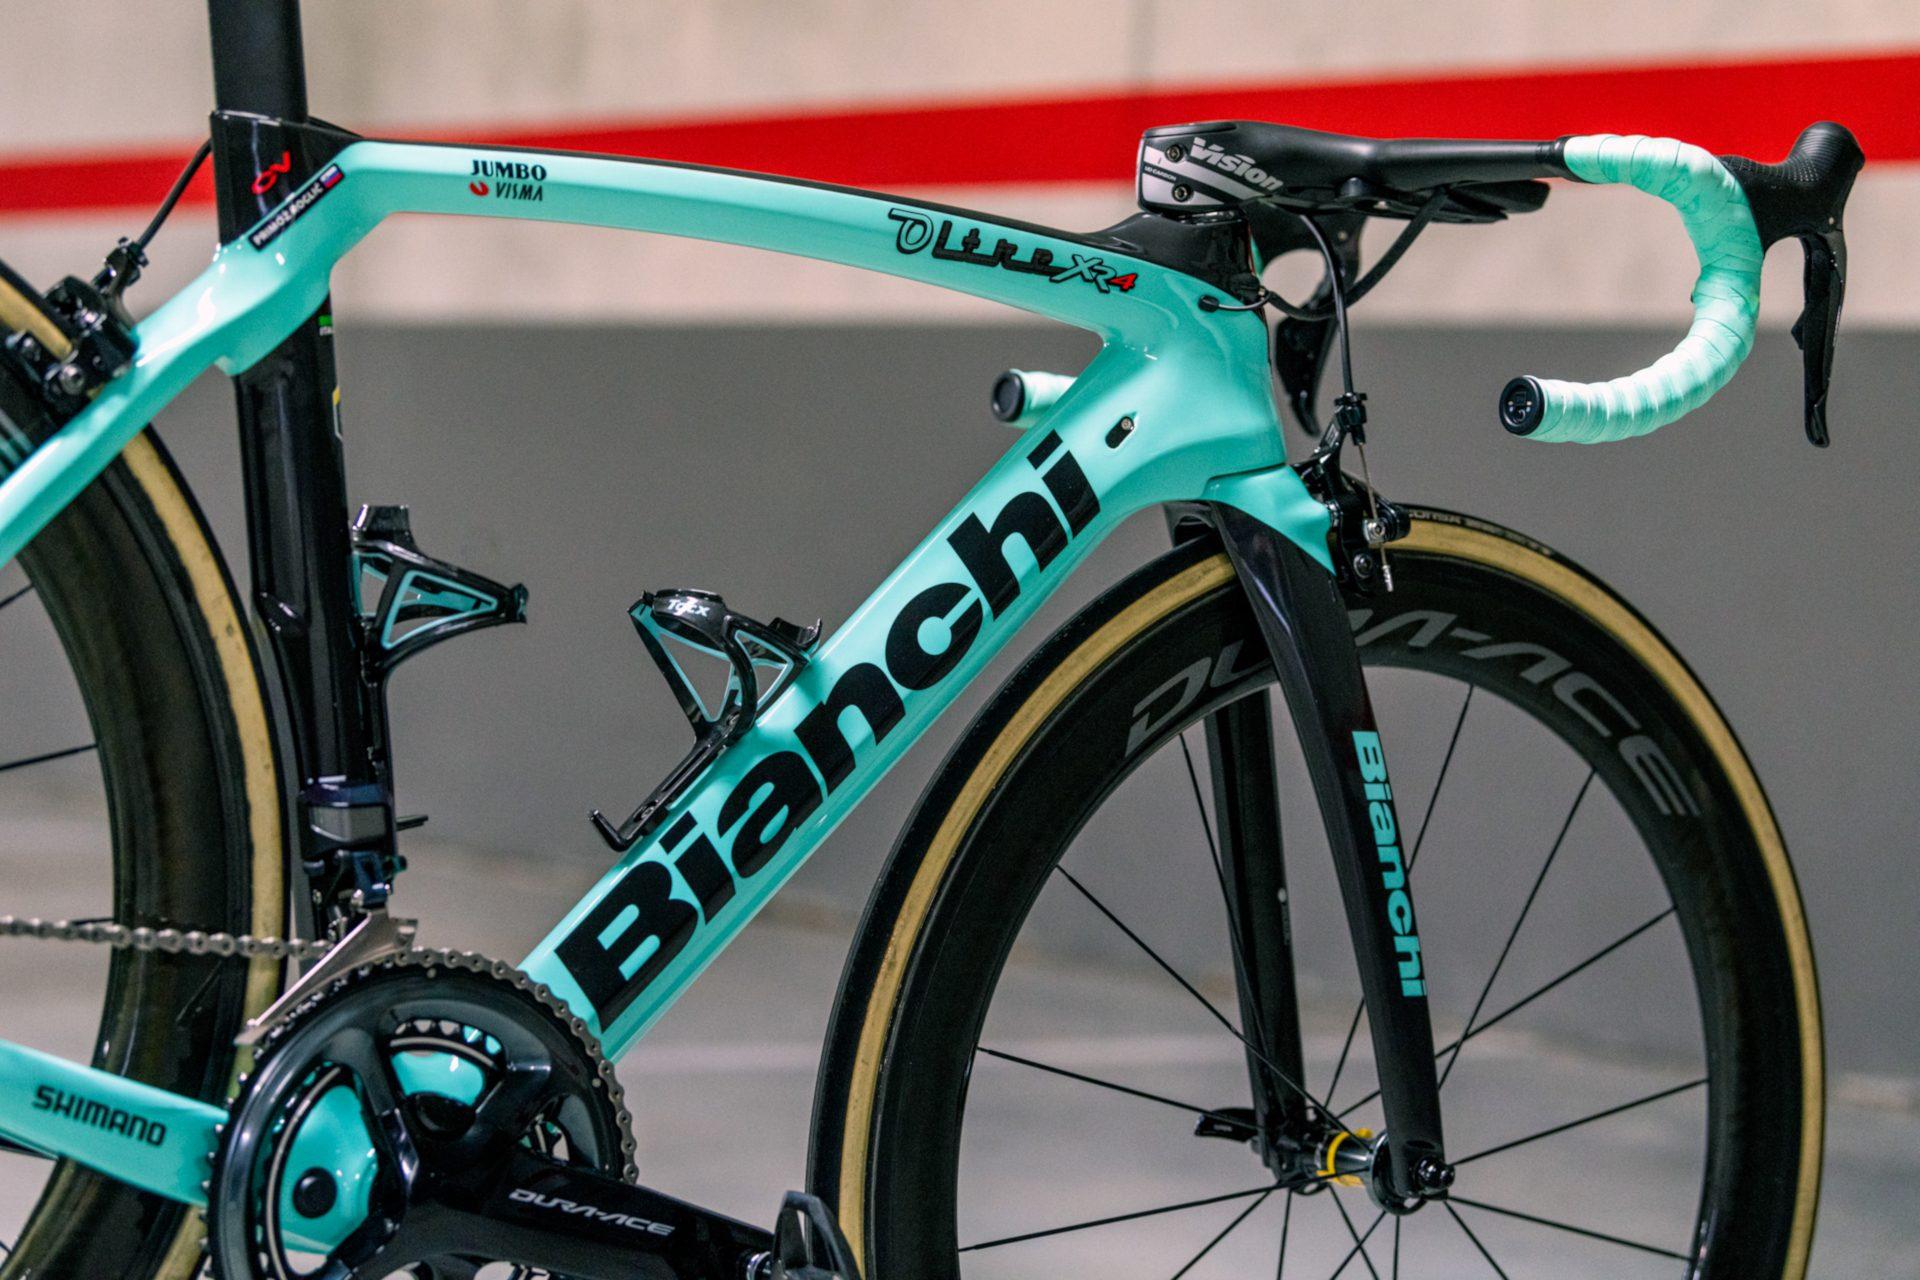 Bianchi for Team Visma